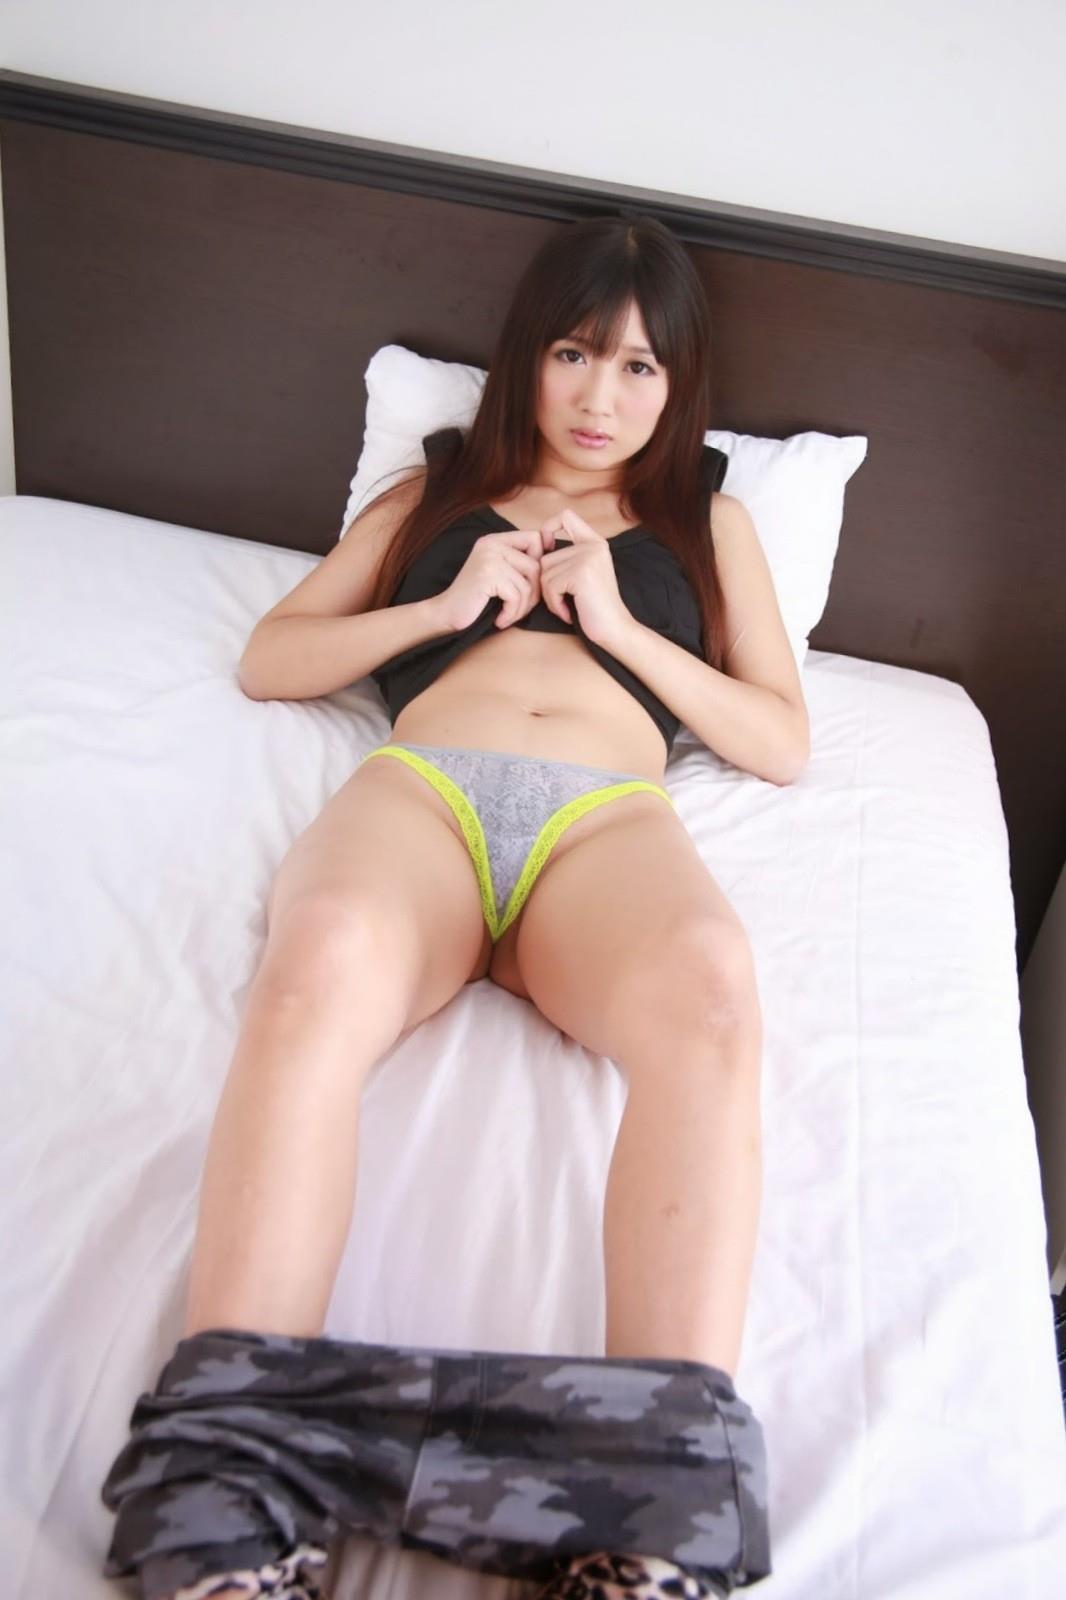 大槻ひびき ヌード画像 74